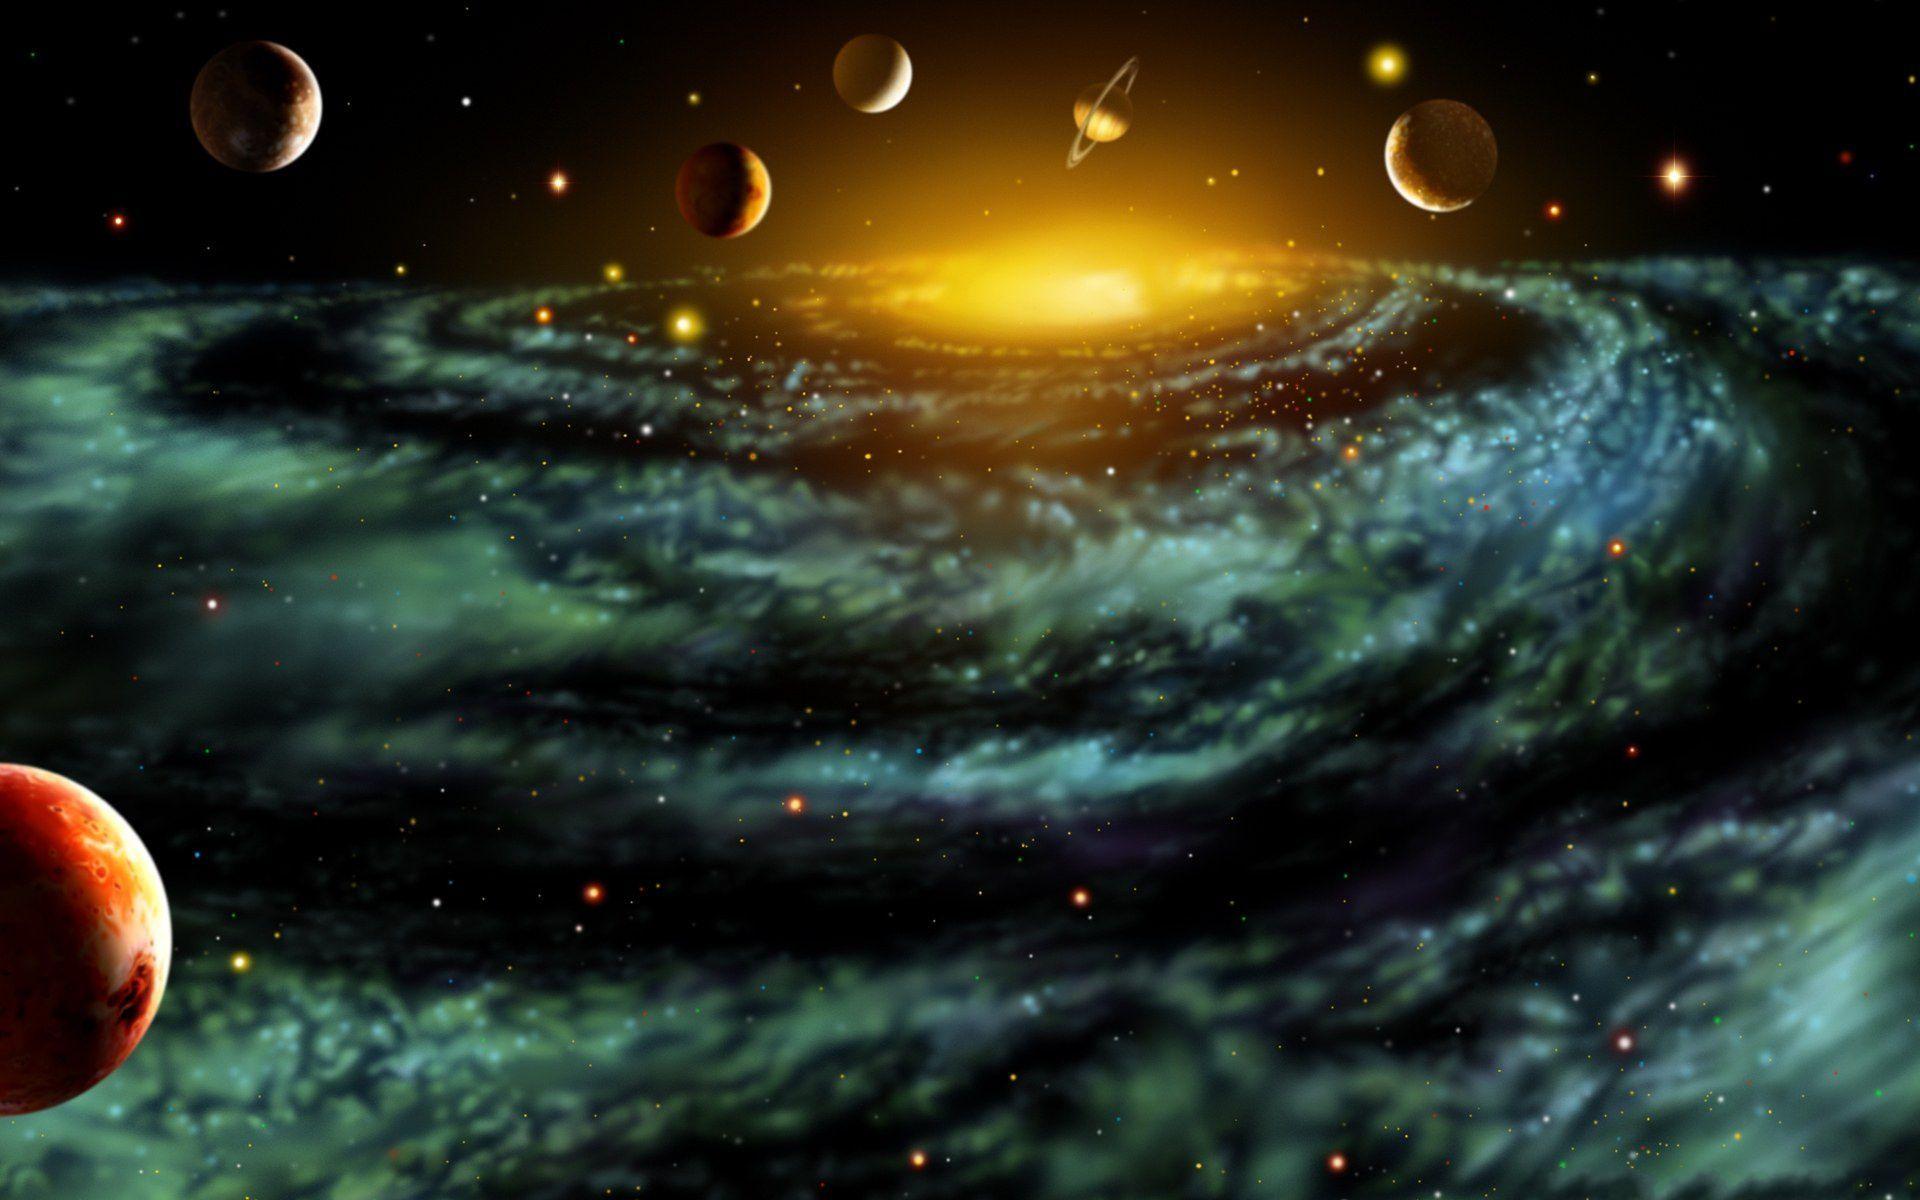 """Résultat de recherche d'images pour """"pictures of the universe and planets"""""""